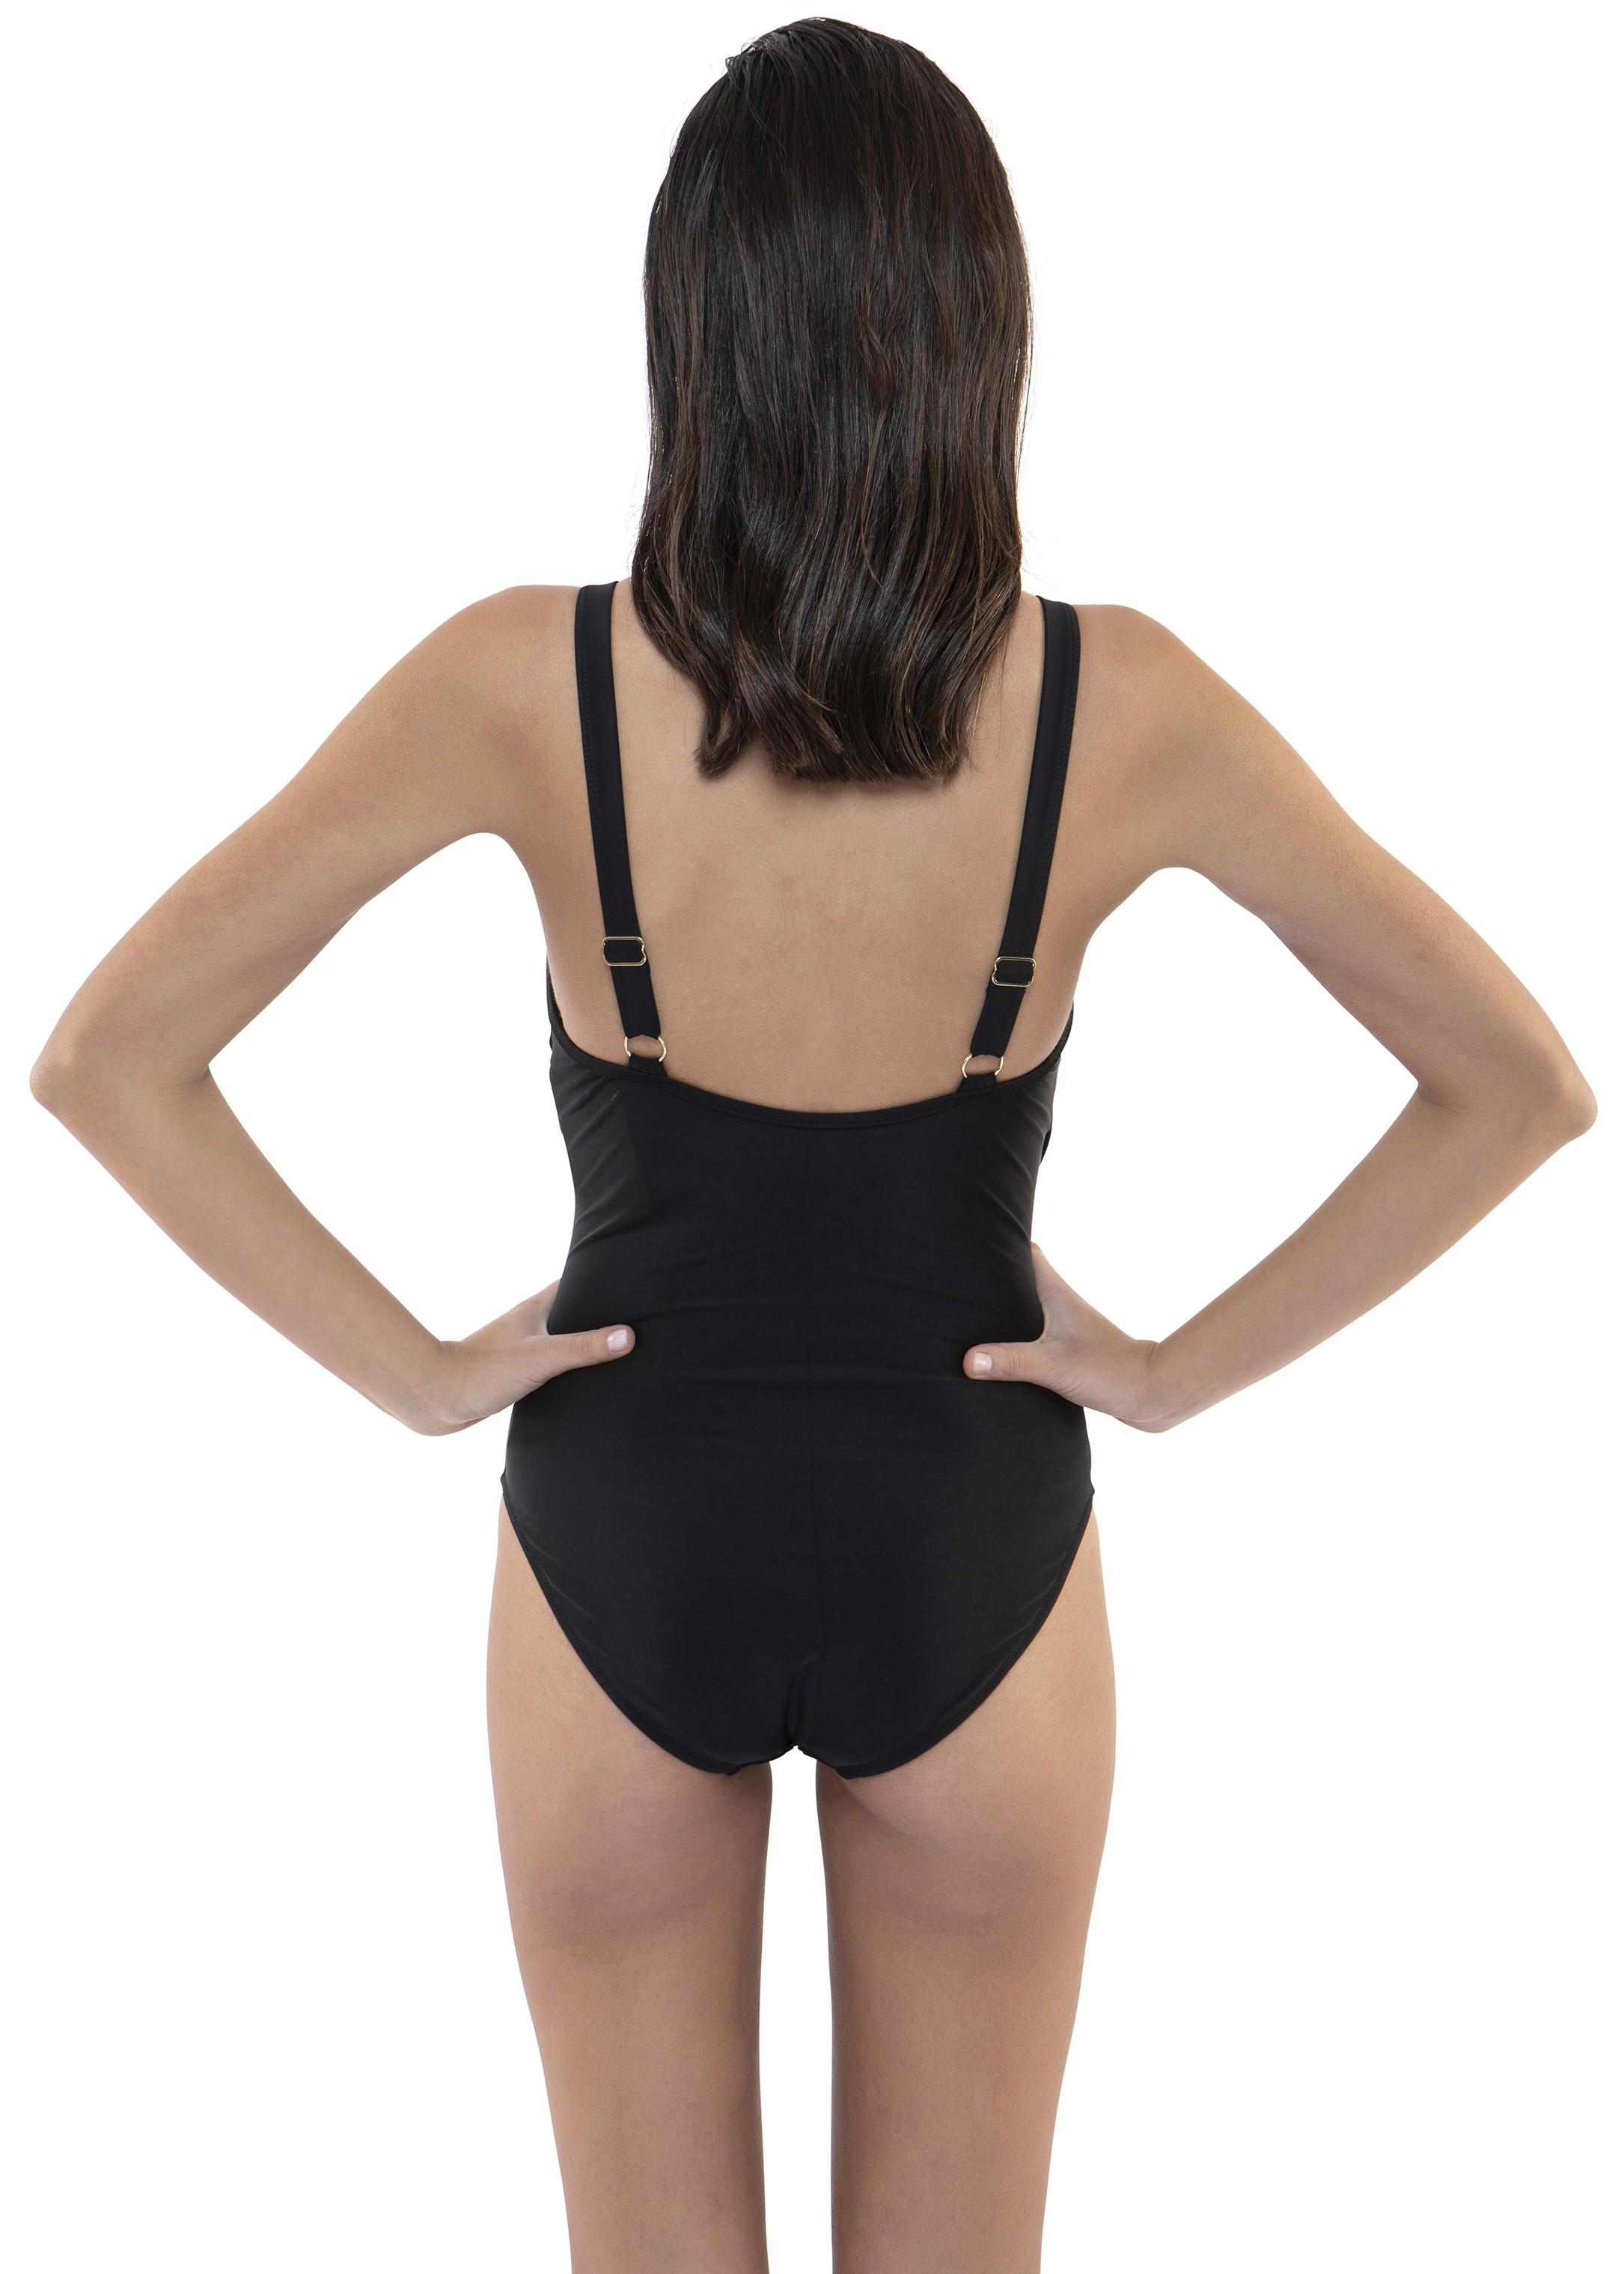 664025 שלם V תיקתקיםCOPA CABANA (Swimsuit)